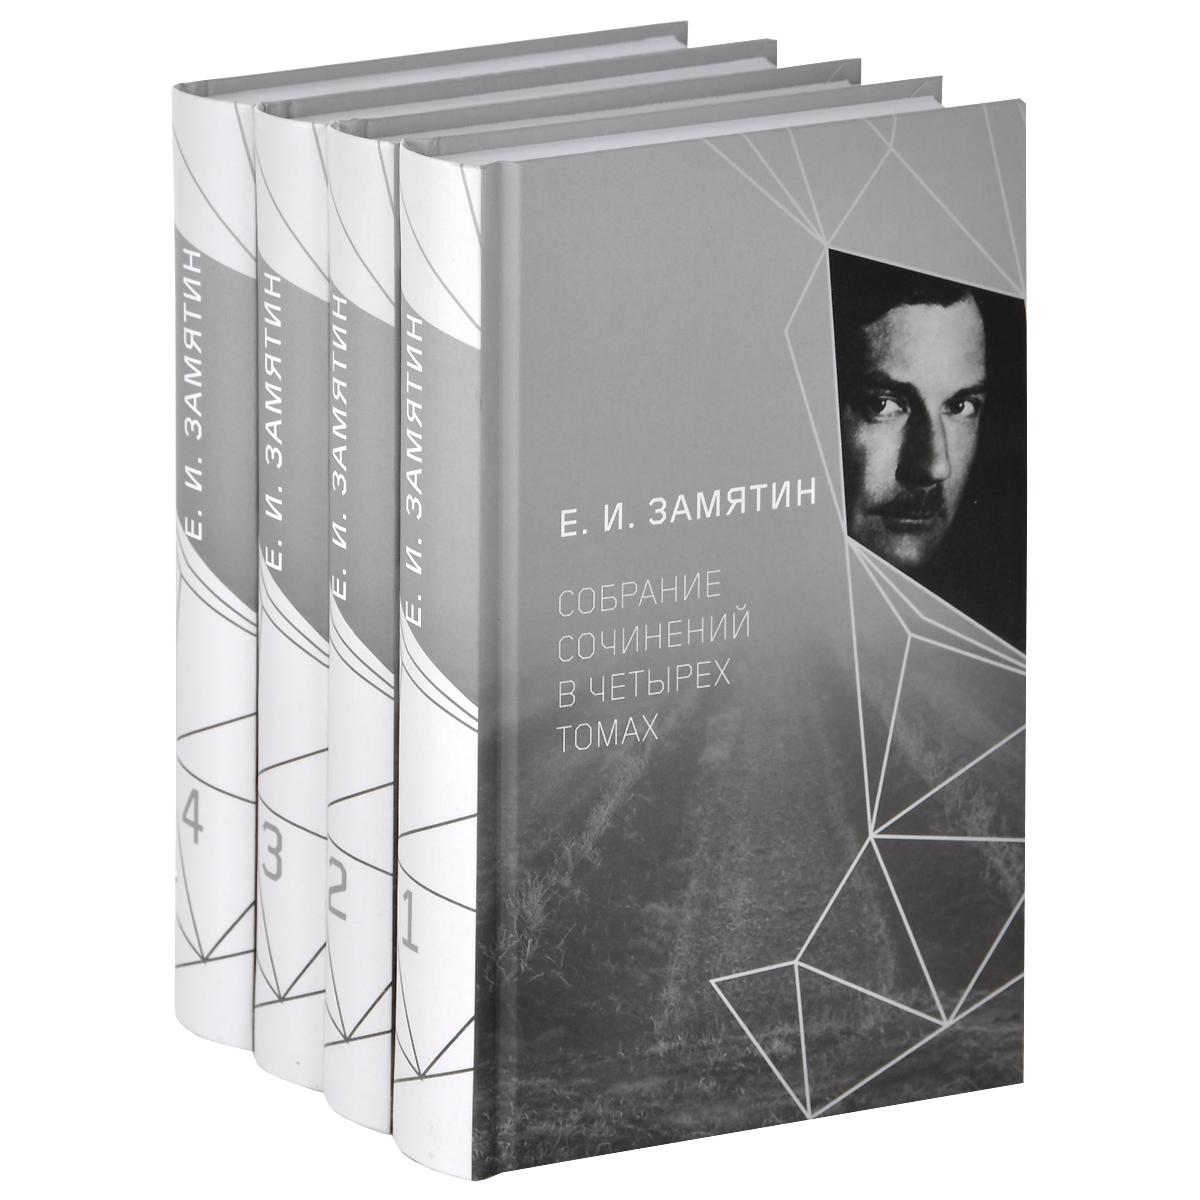 Евгений Замятин Е. И. Замятин. Собрание сочинений. В 4 томах (комплект из 4 книг) евгений замятин бич божий